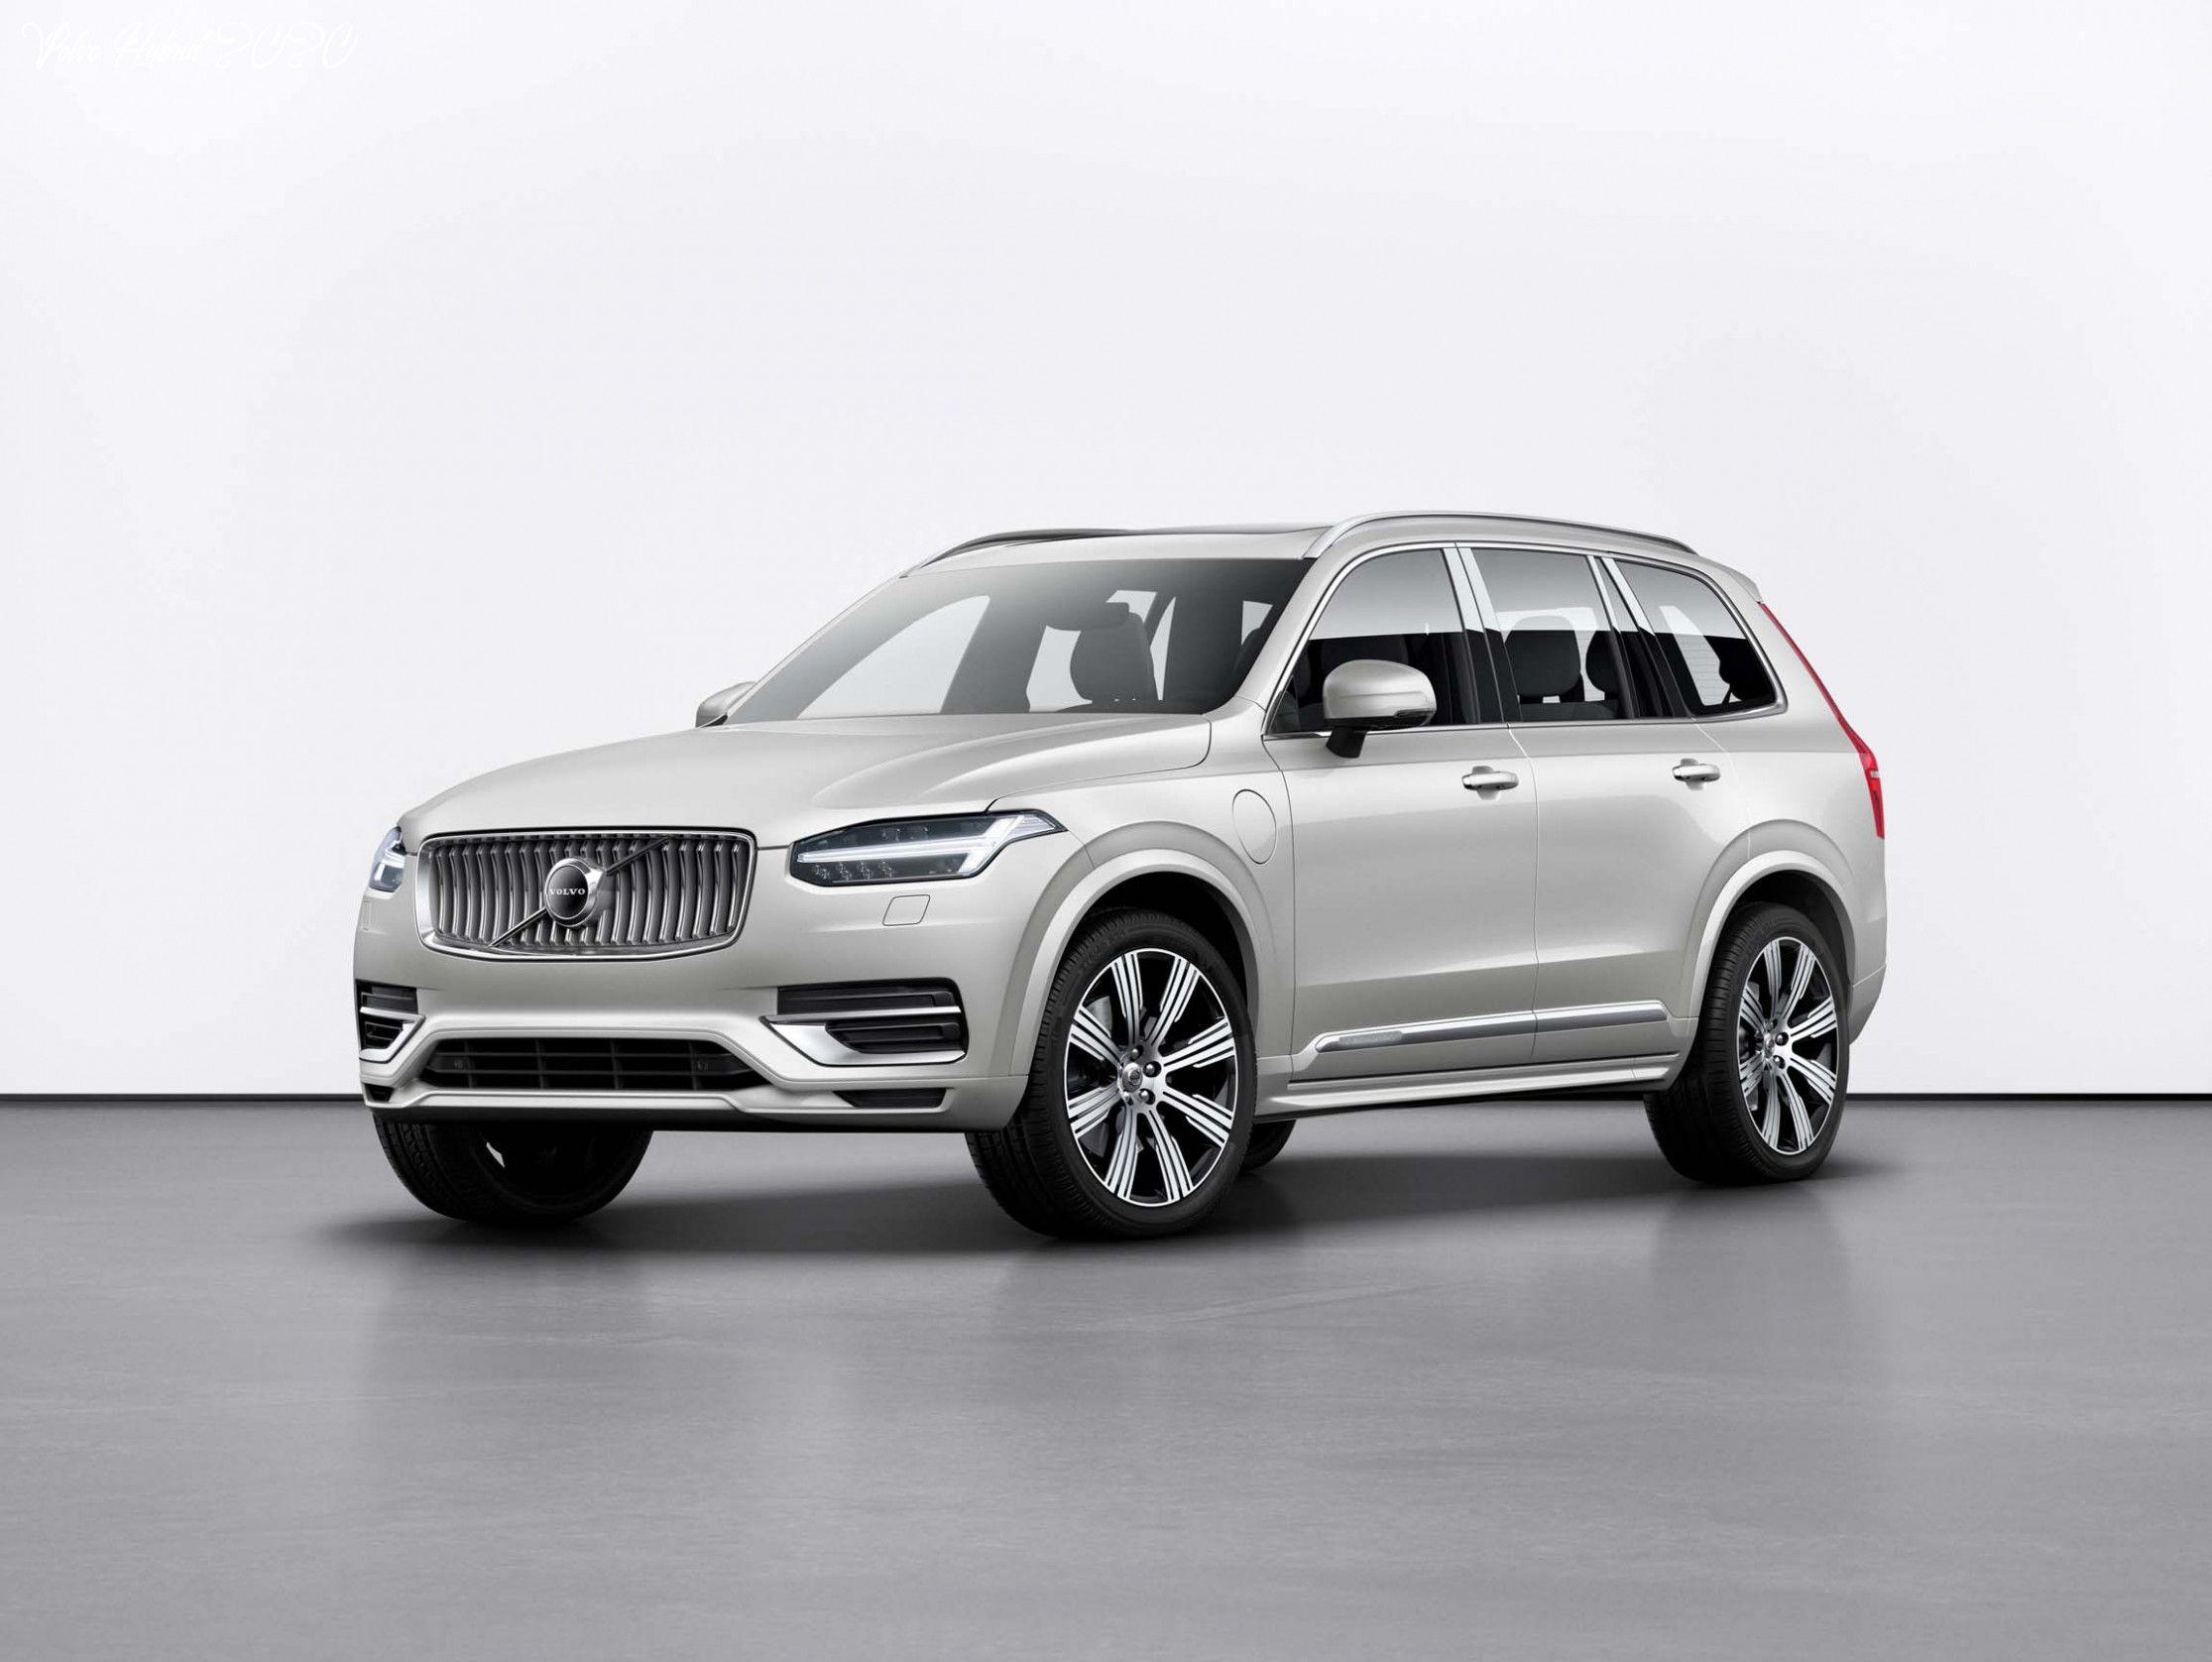 Volvo Hybrid 2020 Rumors In 2020 Volvo Xc90 Volvo Suv Hybrid Car